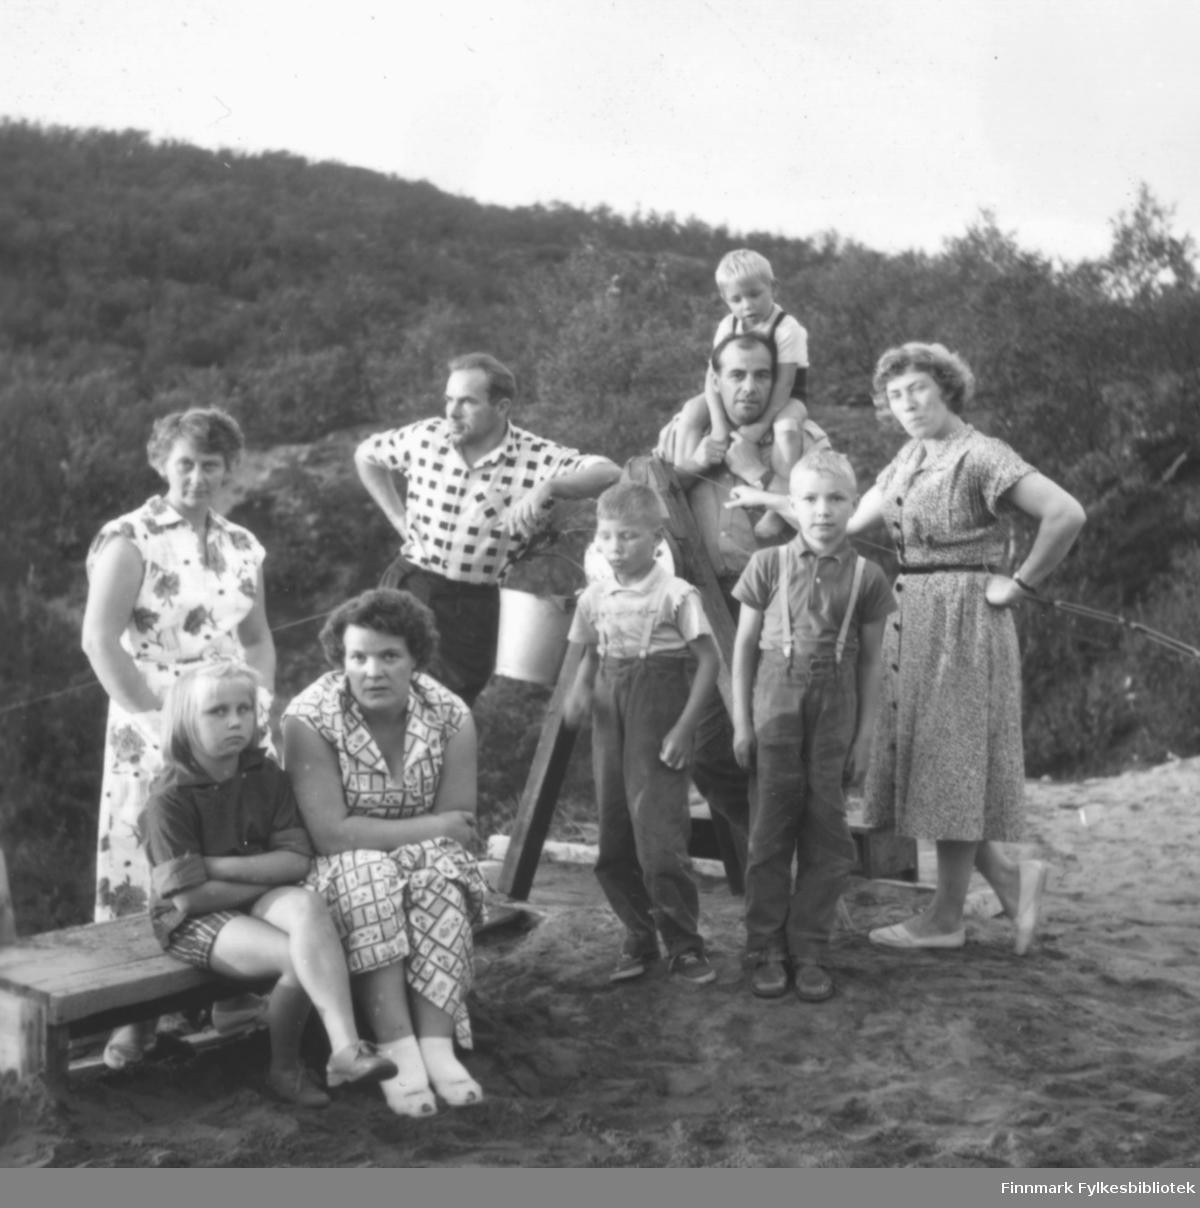 Ragnhild Ebeltoft på hyttebesøk i Lismajok i Tana hos, fra venstre, Anna og Ingvald Malinen, Erling og Liv Kvam med tre gutter. Sittende foran: Lise Malinen og Ragnhild Ebeltoft